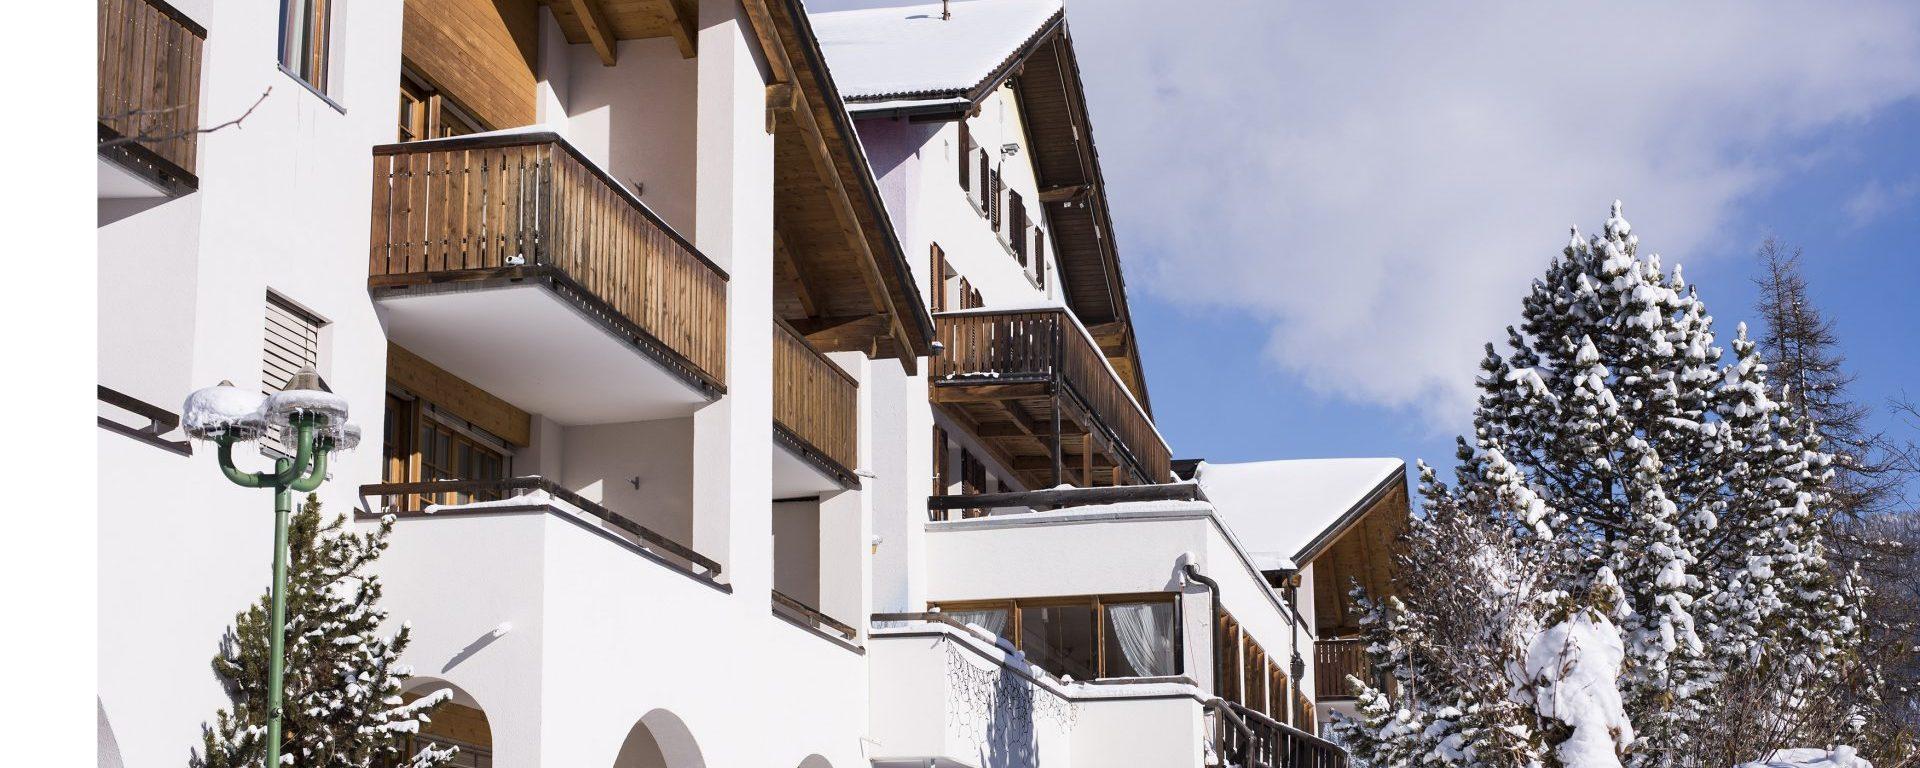 Aparthotel Muchetta Davos Wiesen - aussen Winter